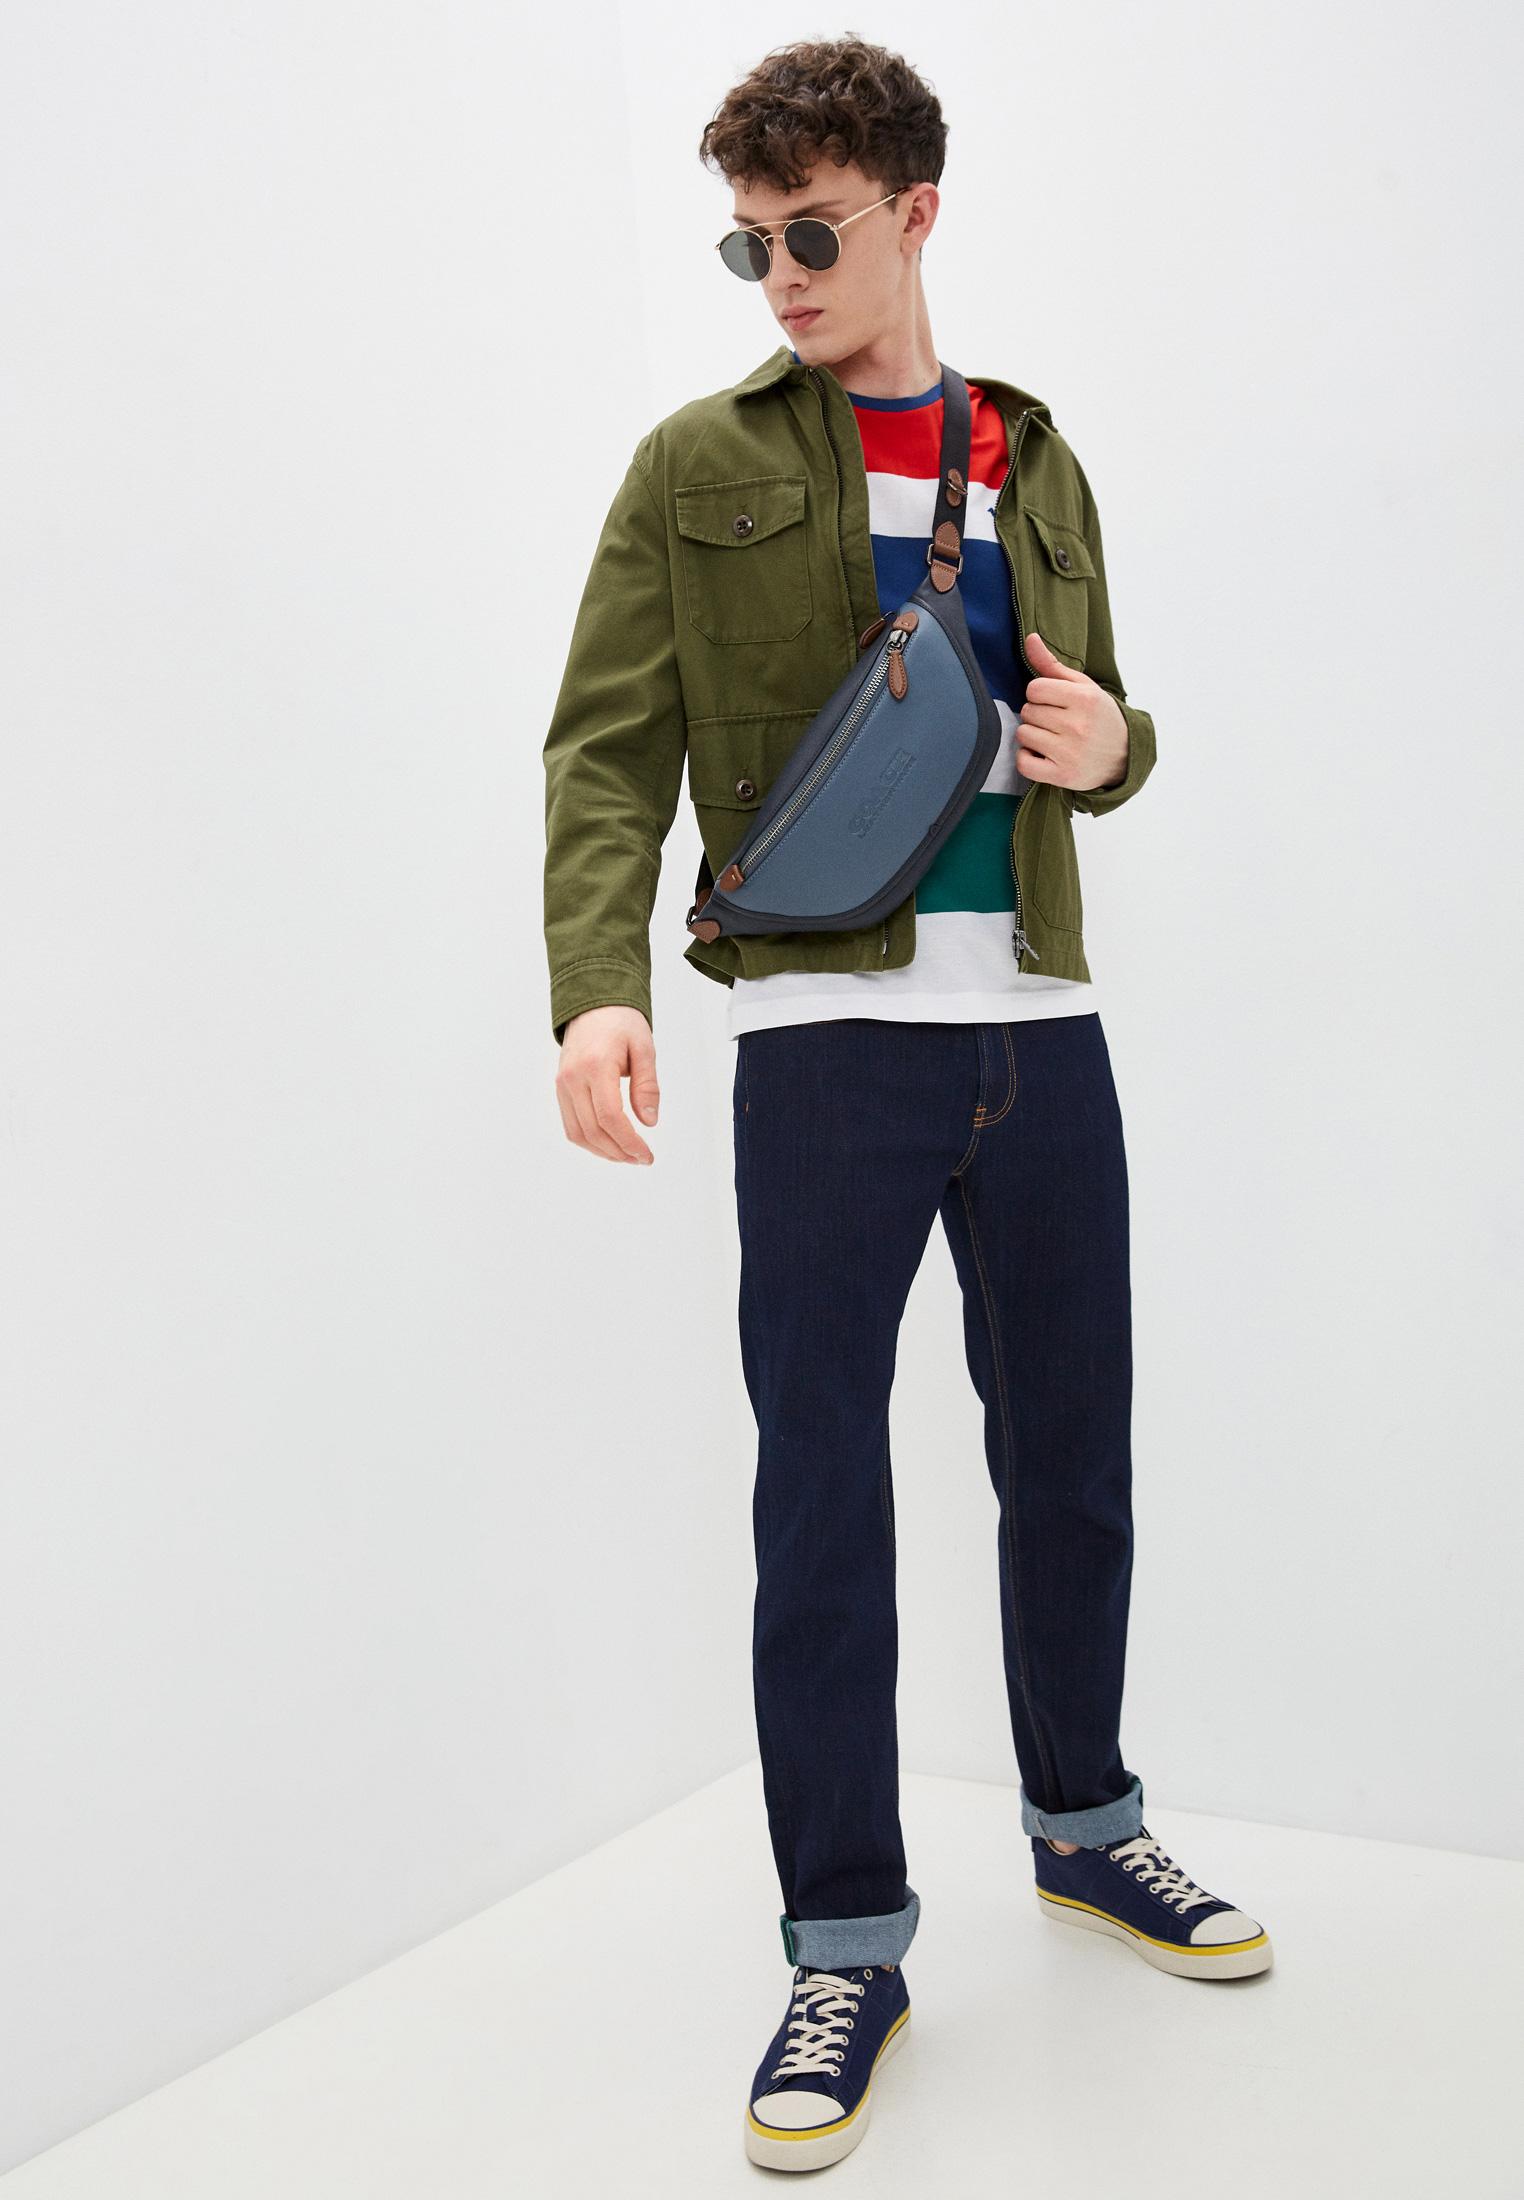 Мужские прямые джинсы Bikkembergs (Биккембергс) C Q 102 00 S 3181: изображение 3